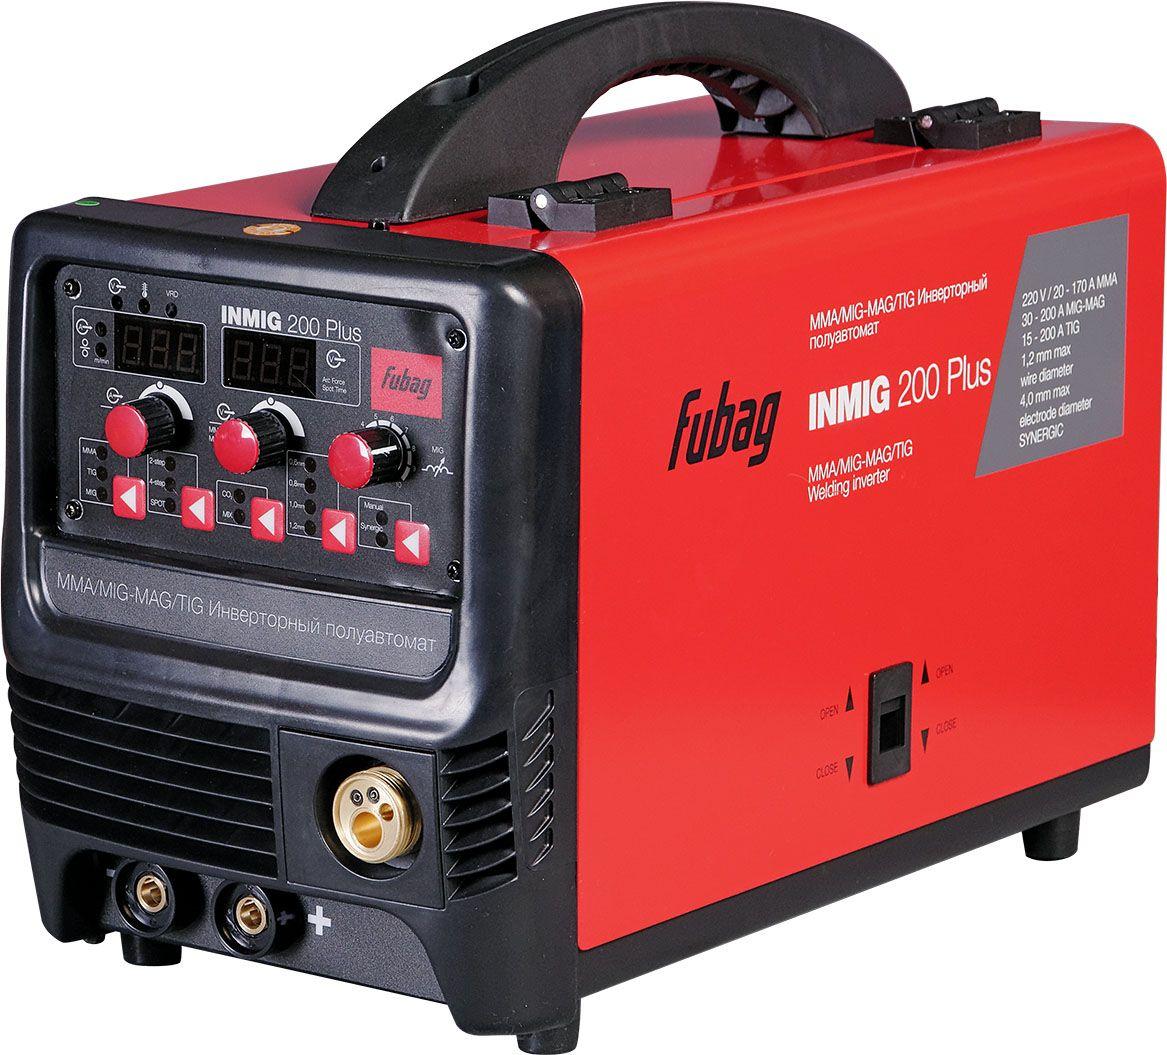 """Сварочный полуавтомат-инвертор Fubag """"Inmig 200 PLUS с горелкой FB 250_3 м"""""""